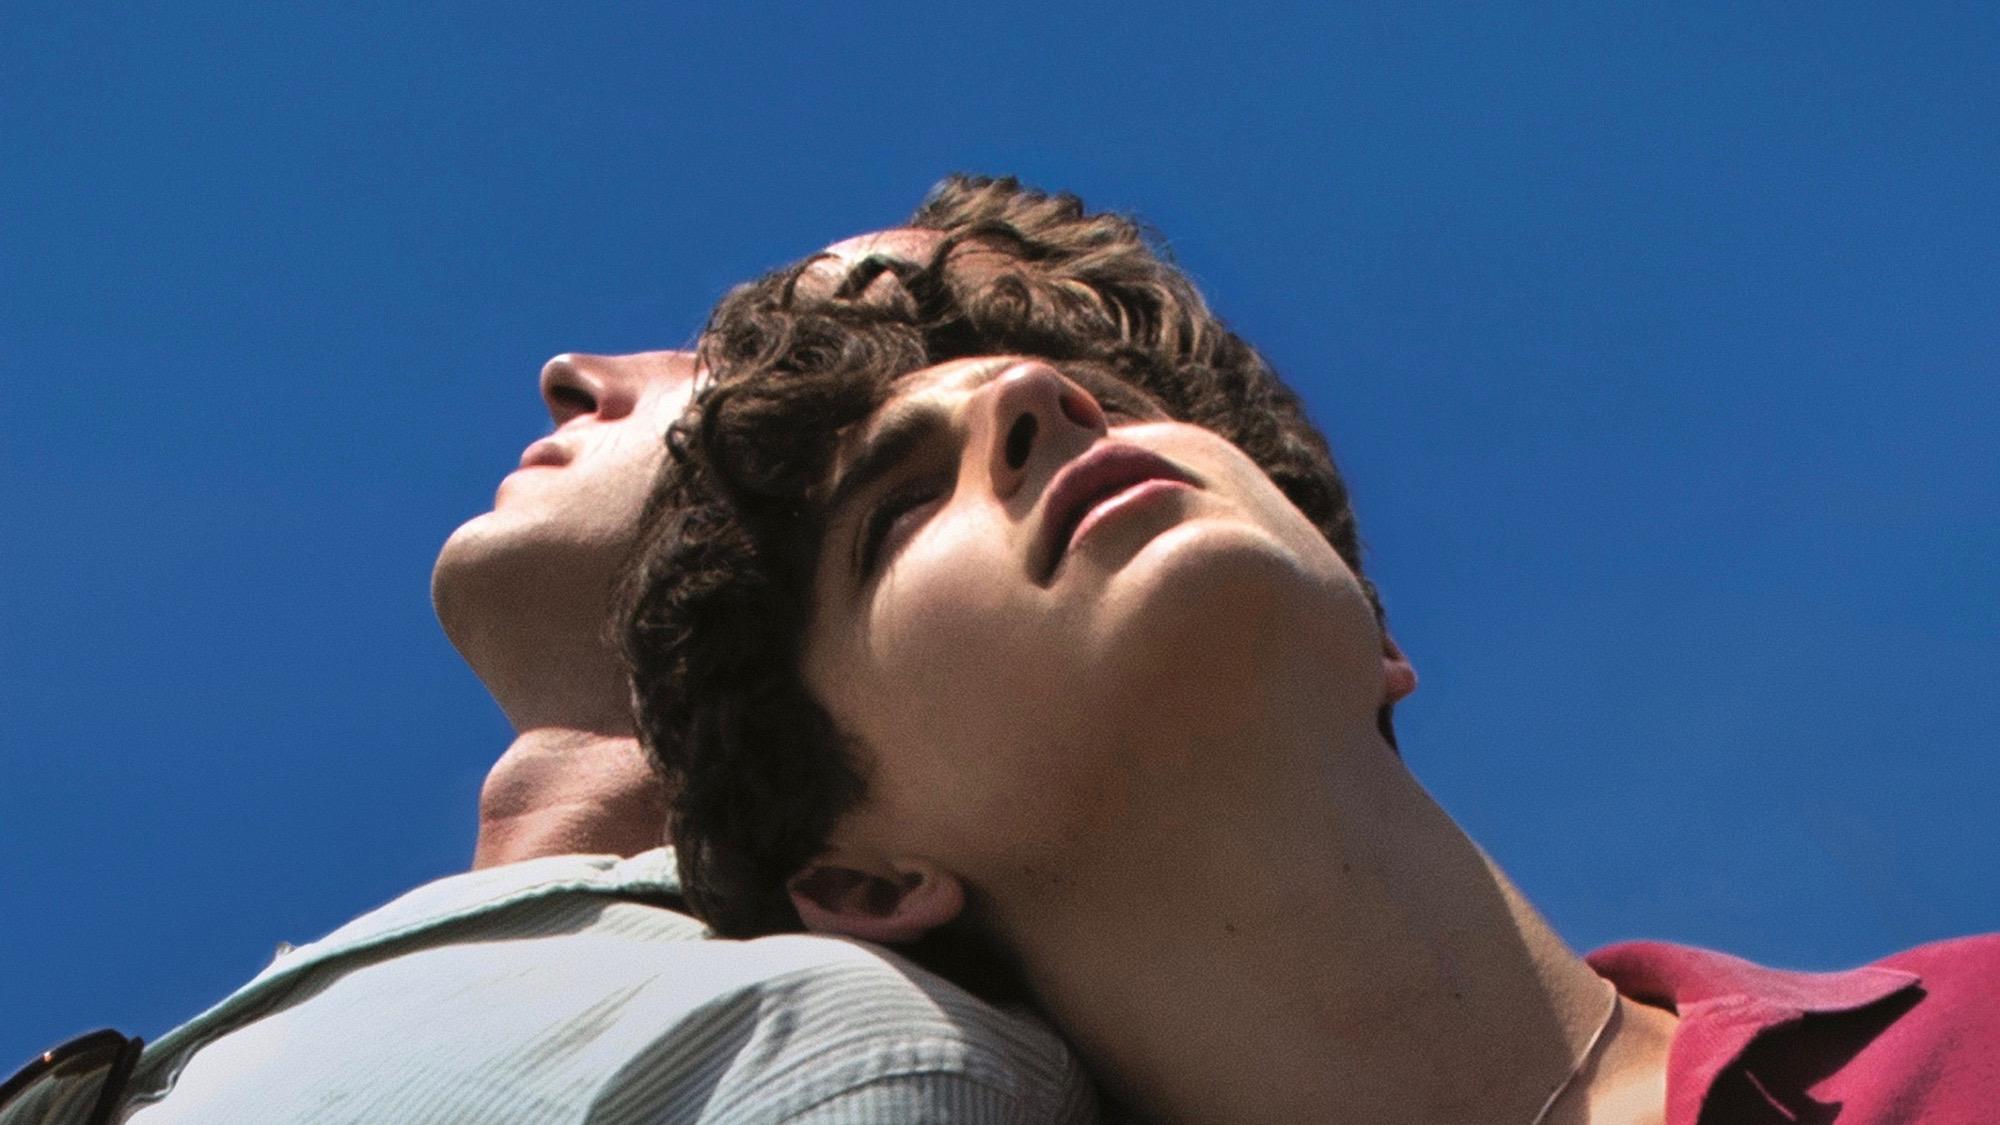 出会いと別れの季節に観たい、最新恋愛映画3選